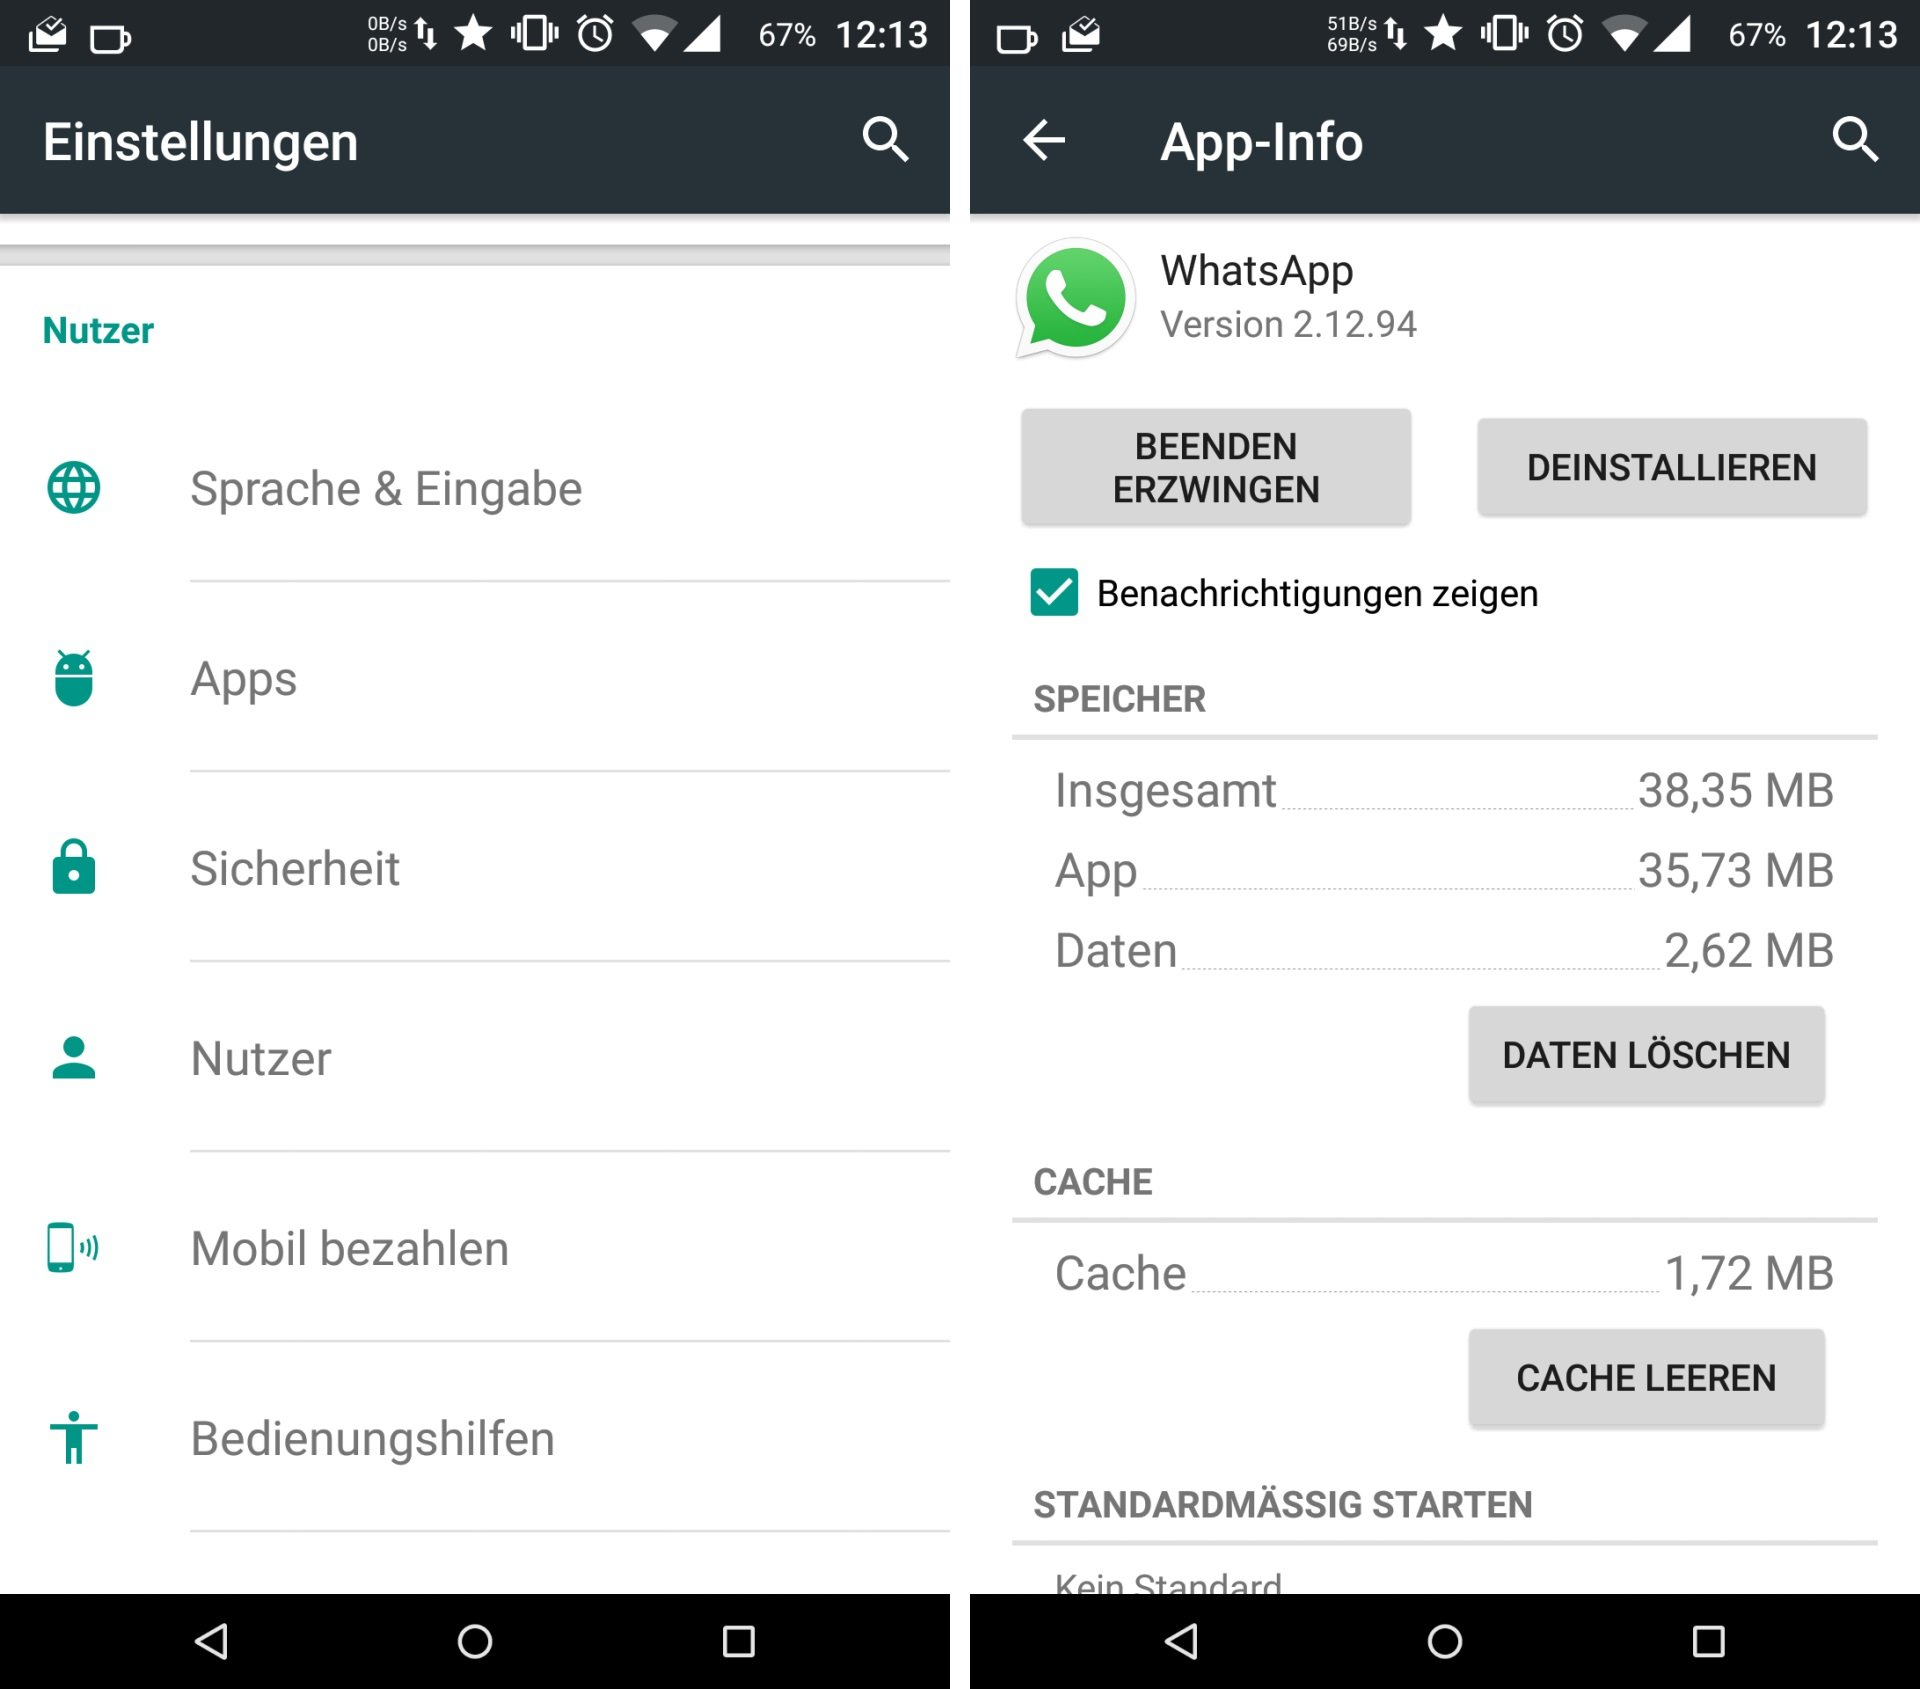 Whatsapp Störung Heute Wie Lange Noch Whatsapp 2019 11 13